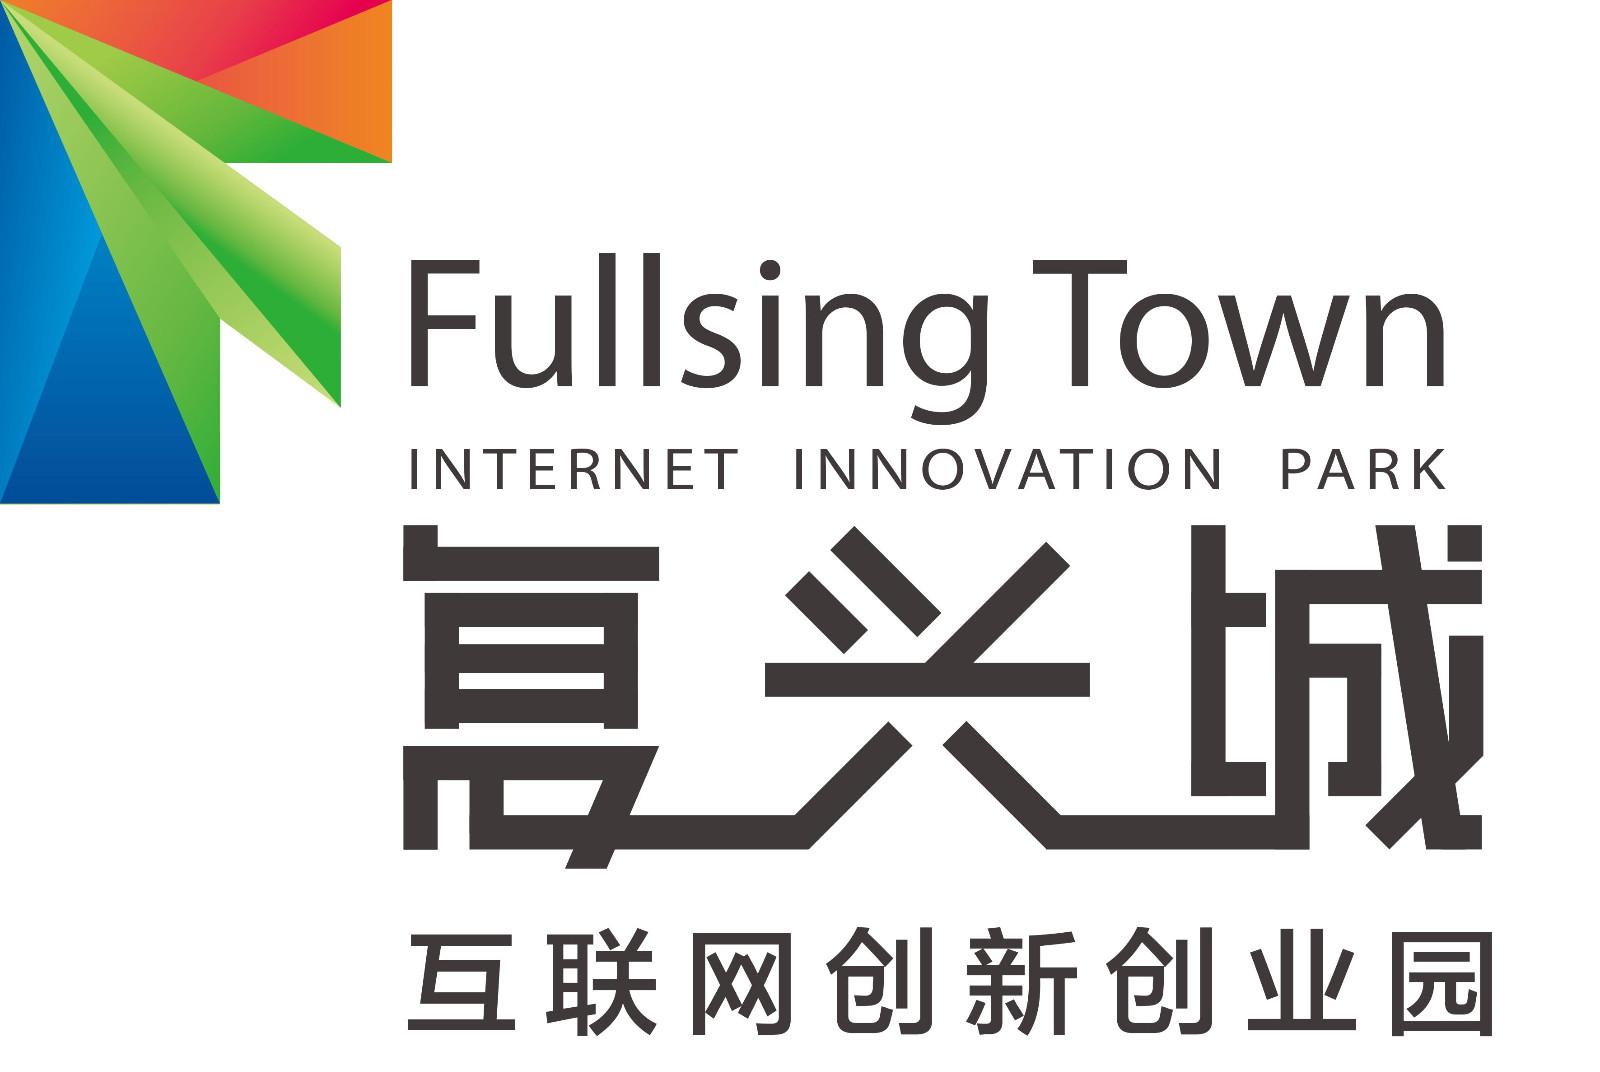 海口复兴城互联网创新创业园•海南•海口市•龙华区